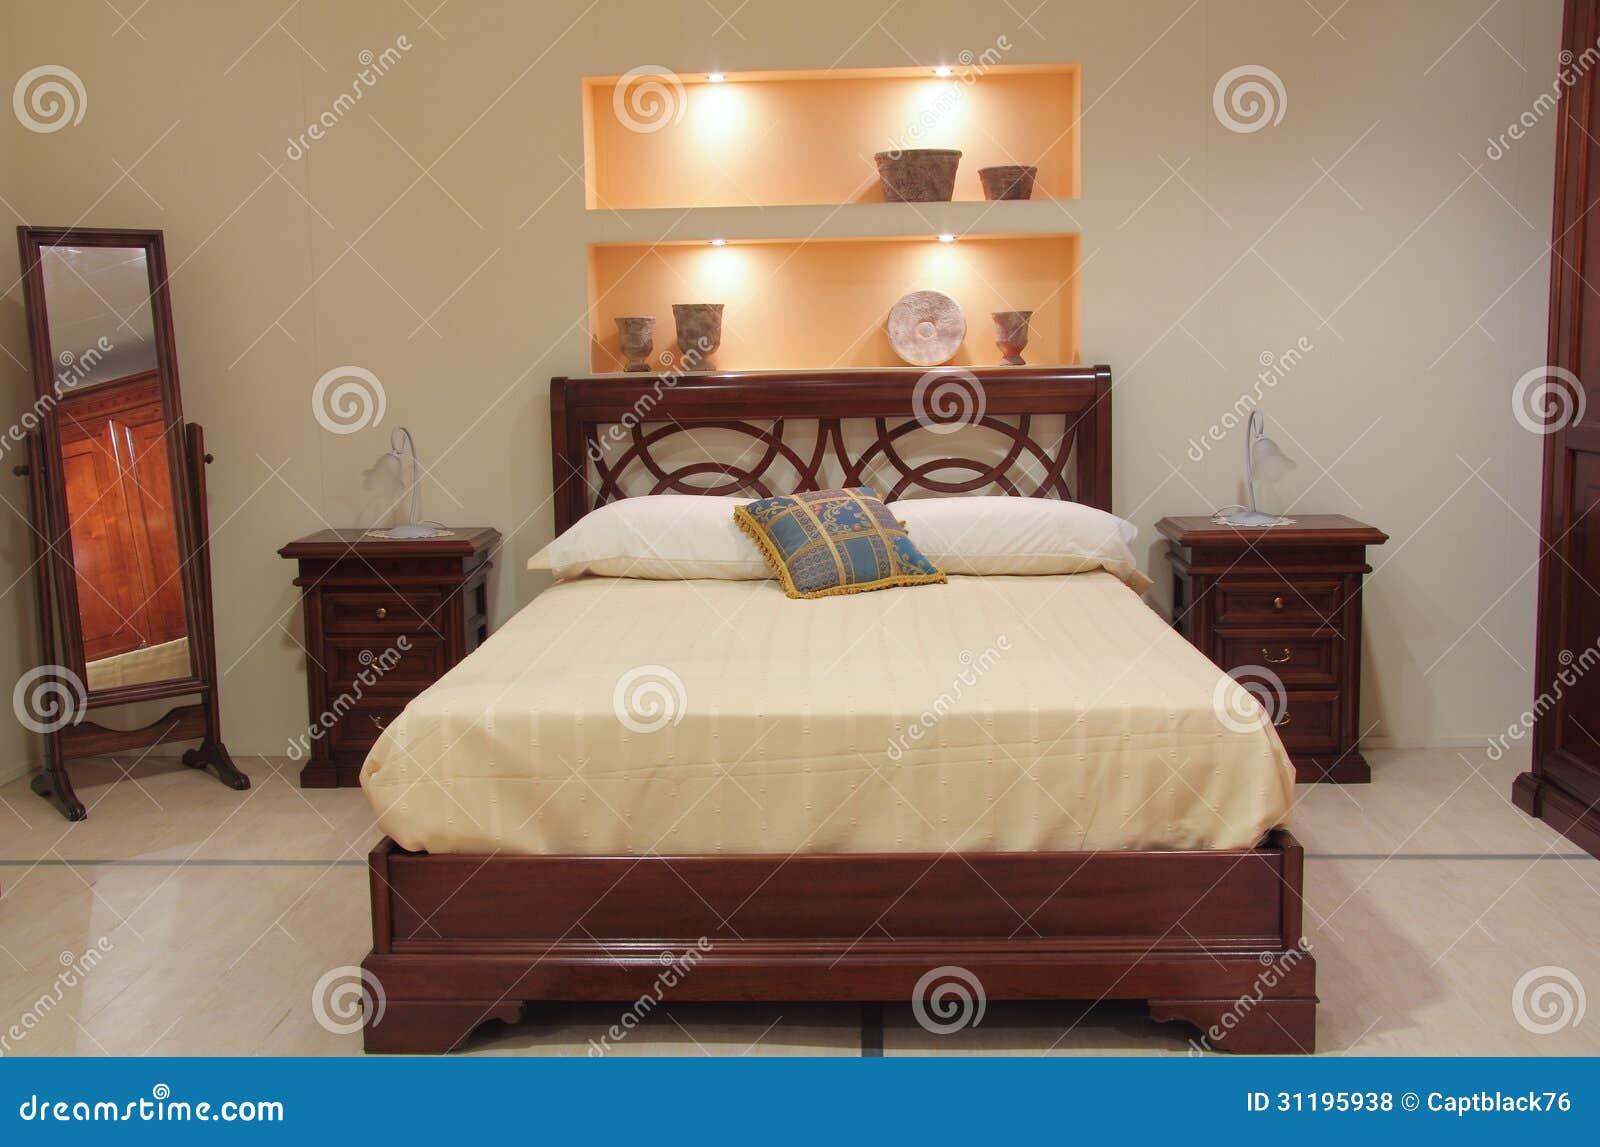 Chambre A Coucher Classique Avec Les Meubles En Bois Elegants Photo